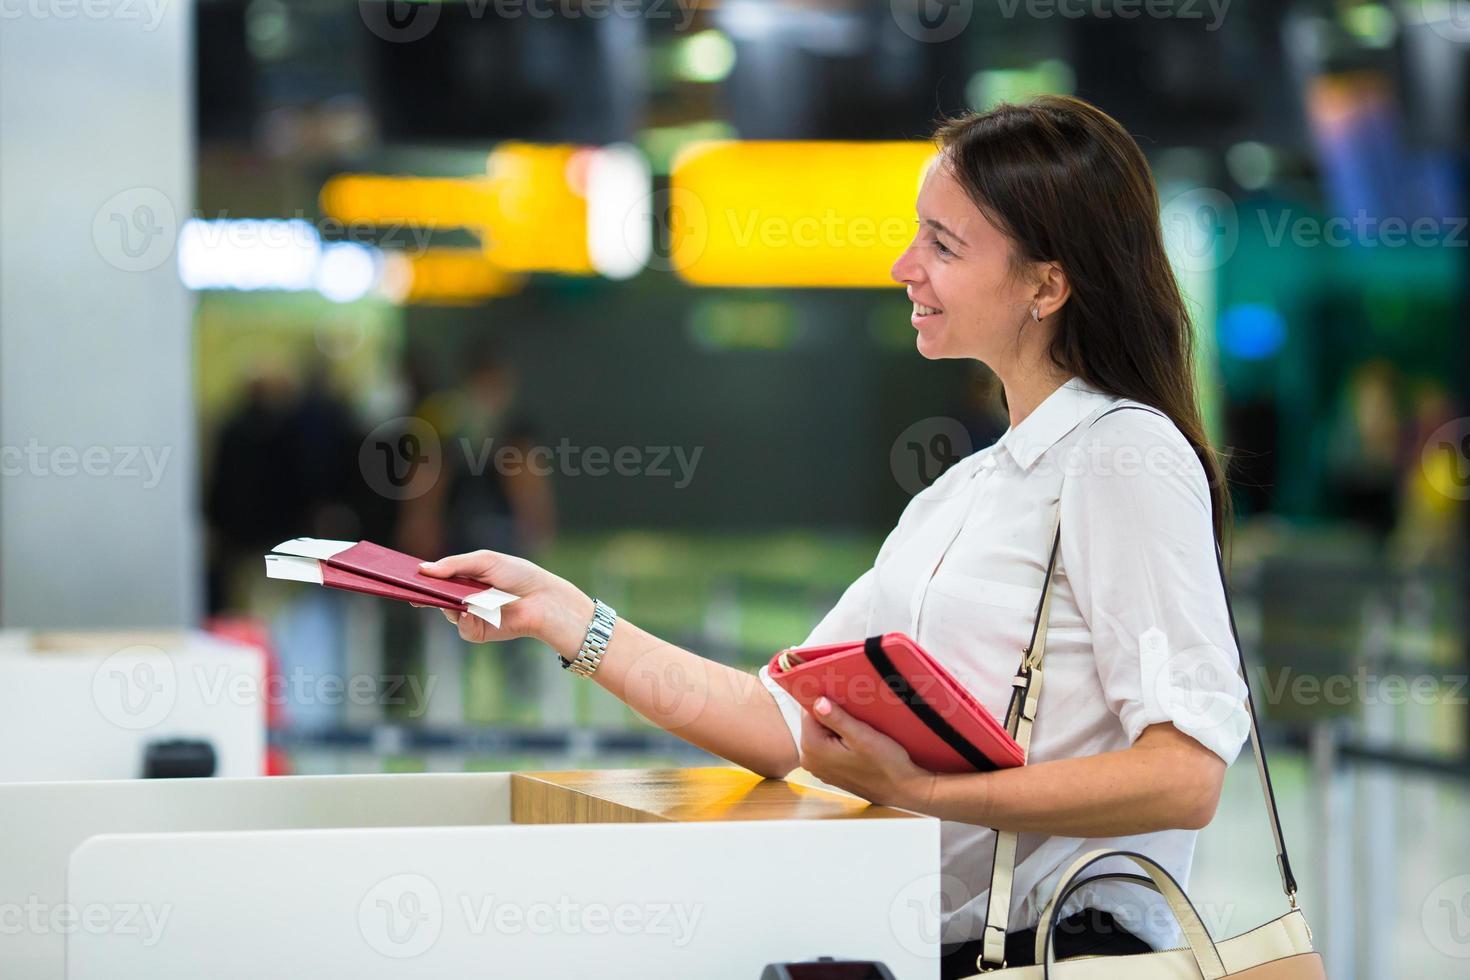 femmes titulaires de passeports et carte d'embarquement à l'aéroport photo